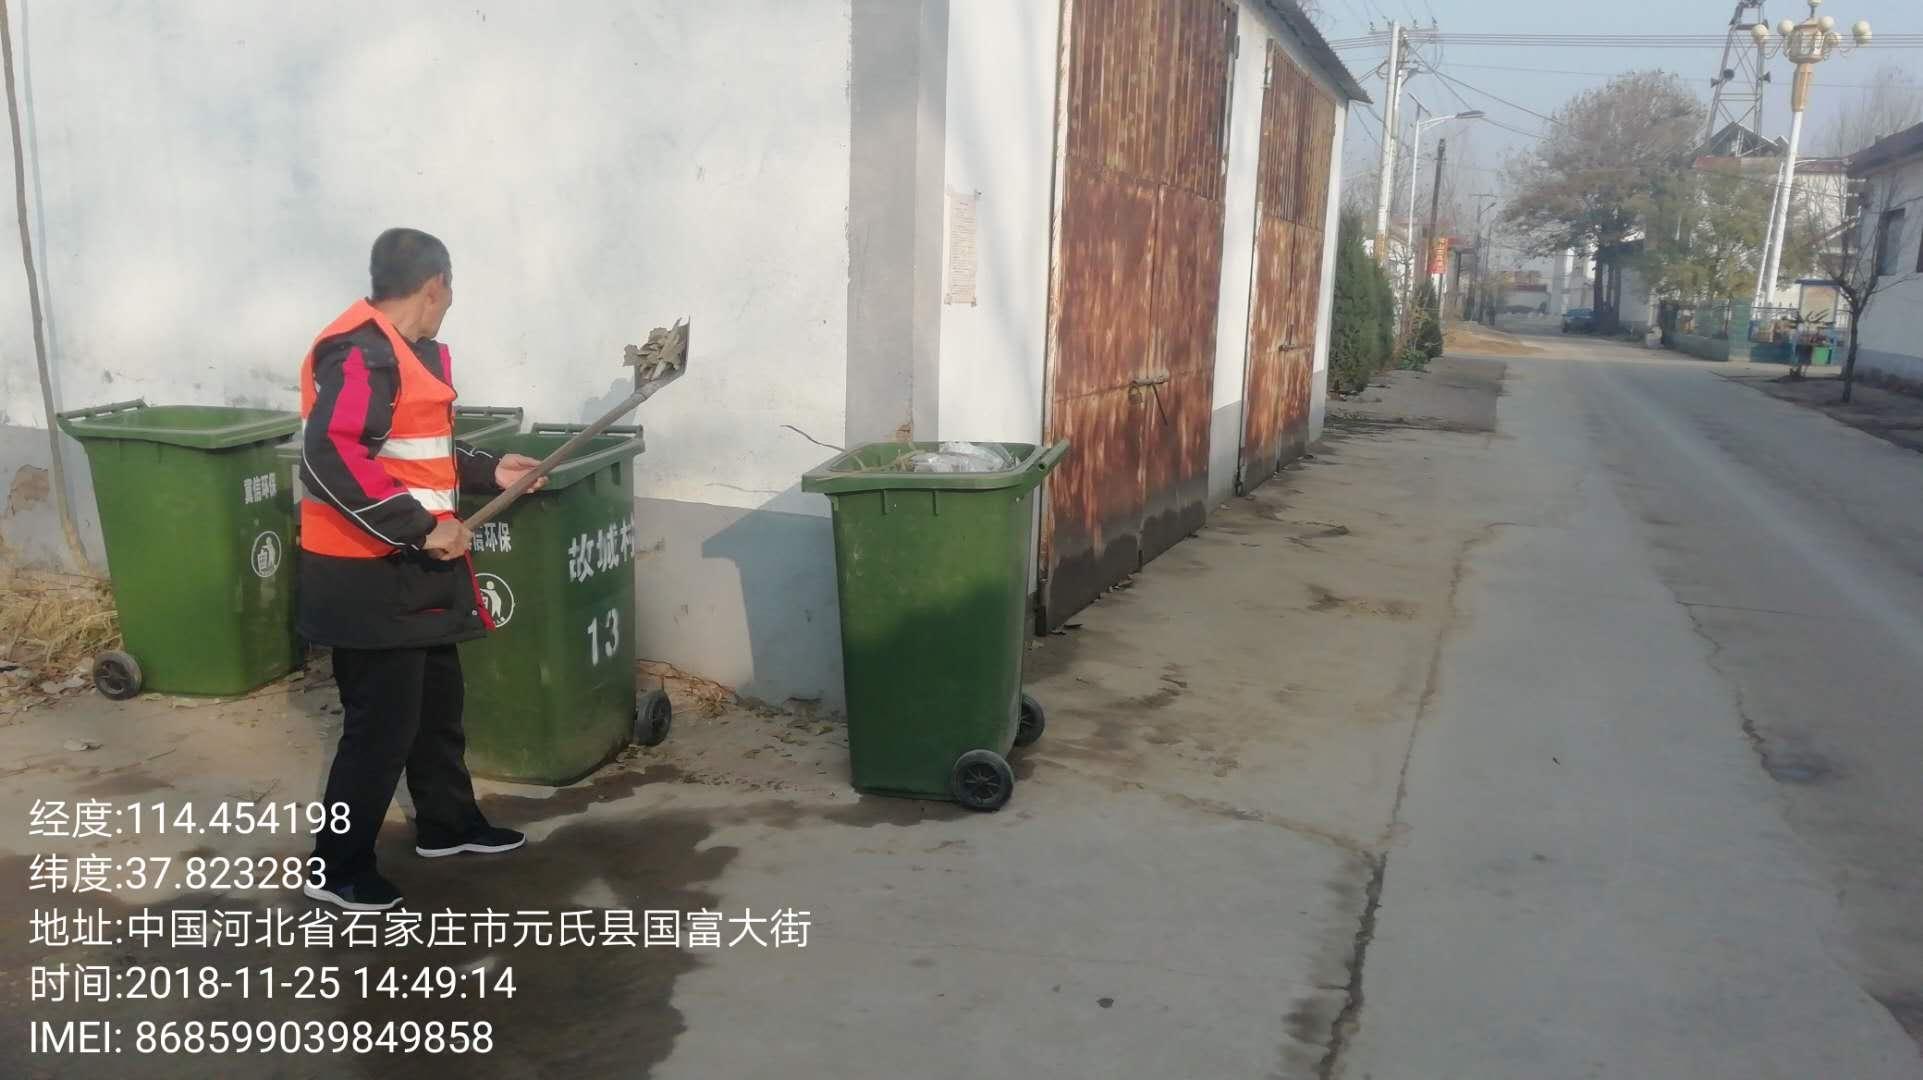 元氏县农村环卫一体化服务